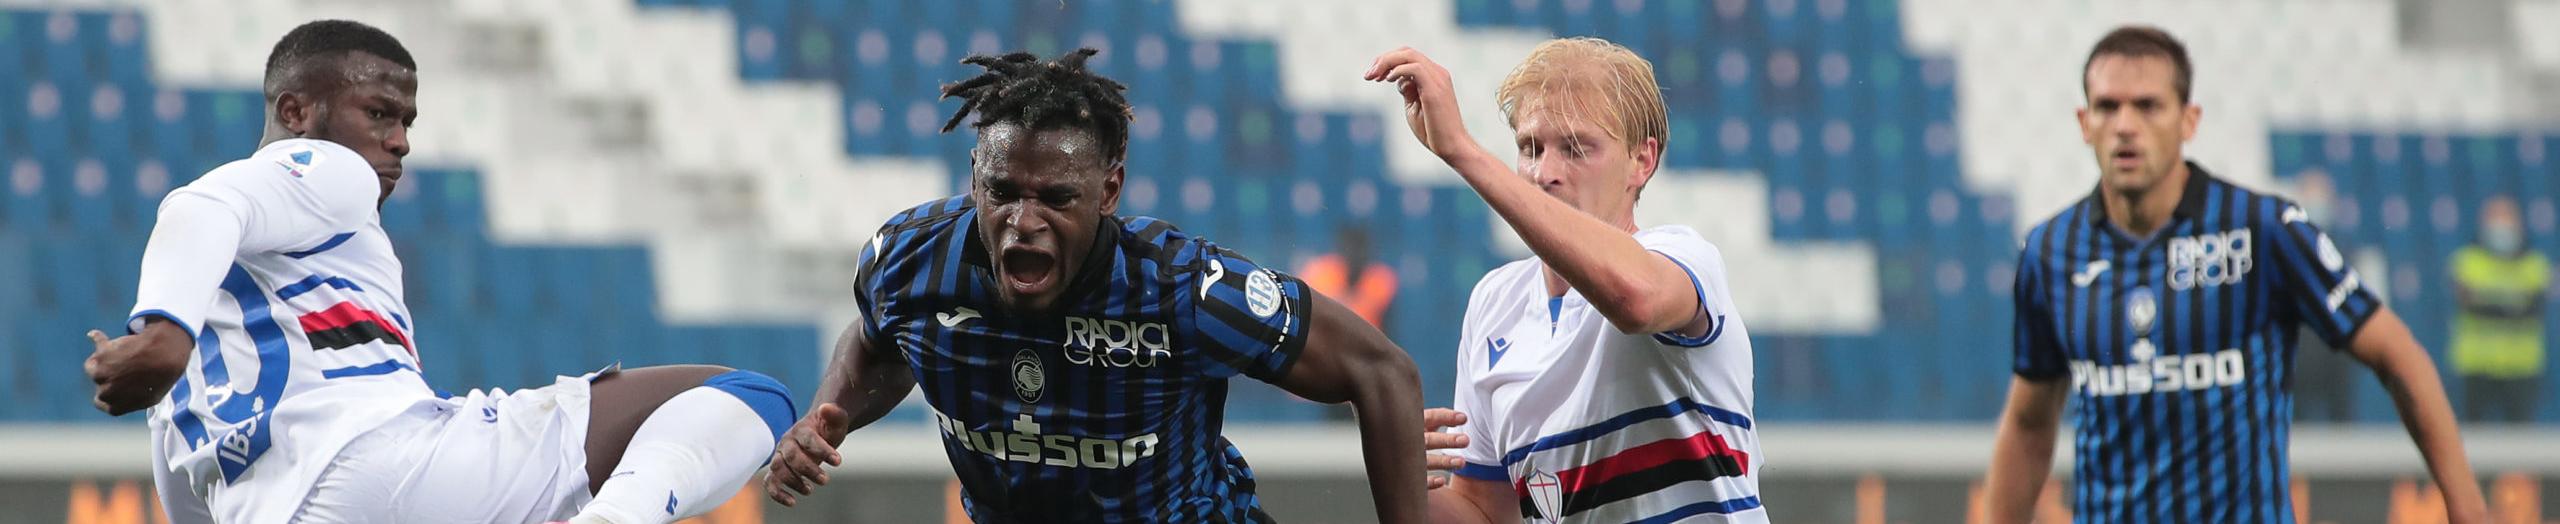 Sampdoria-Atalanta, quale sarà il volto della Dea?